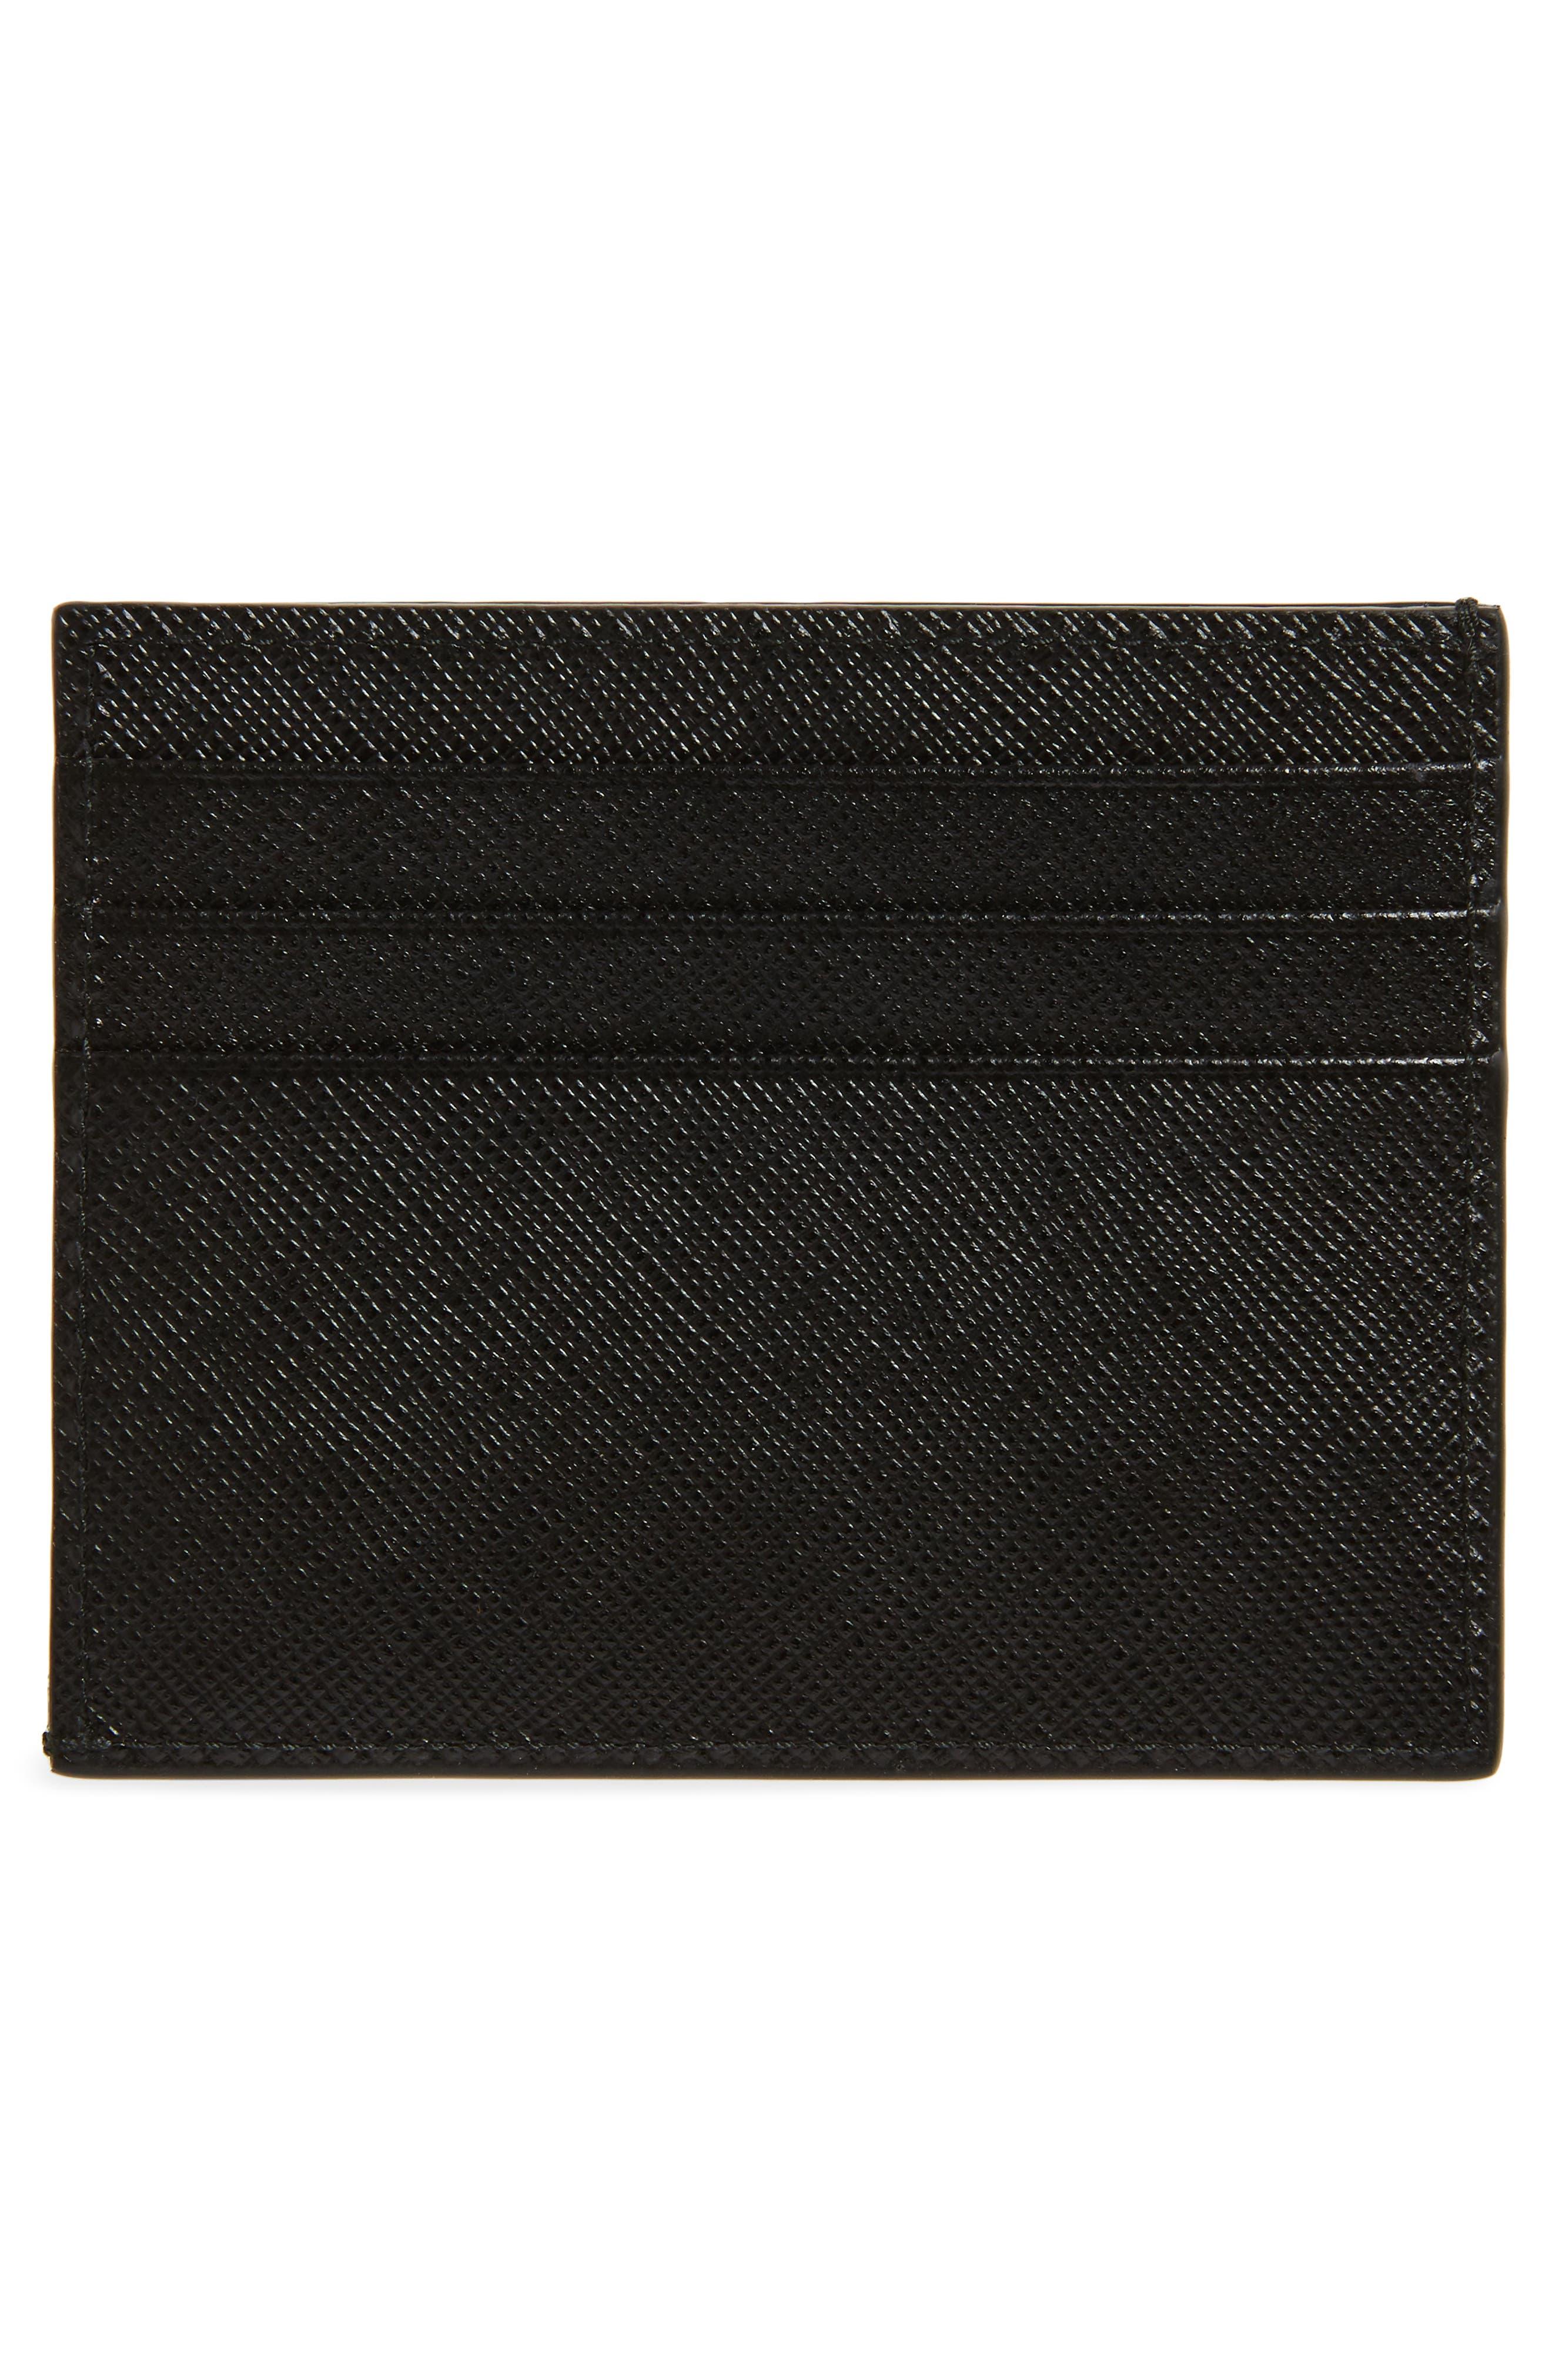 Alternate Image 2  - Prada Saffiano Leather Card Case